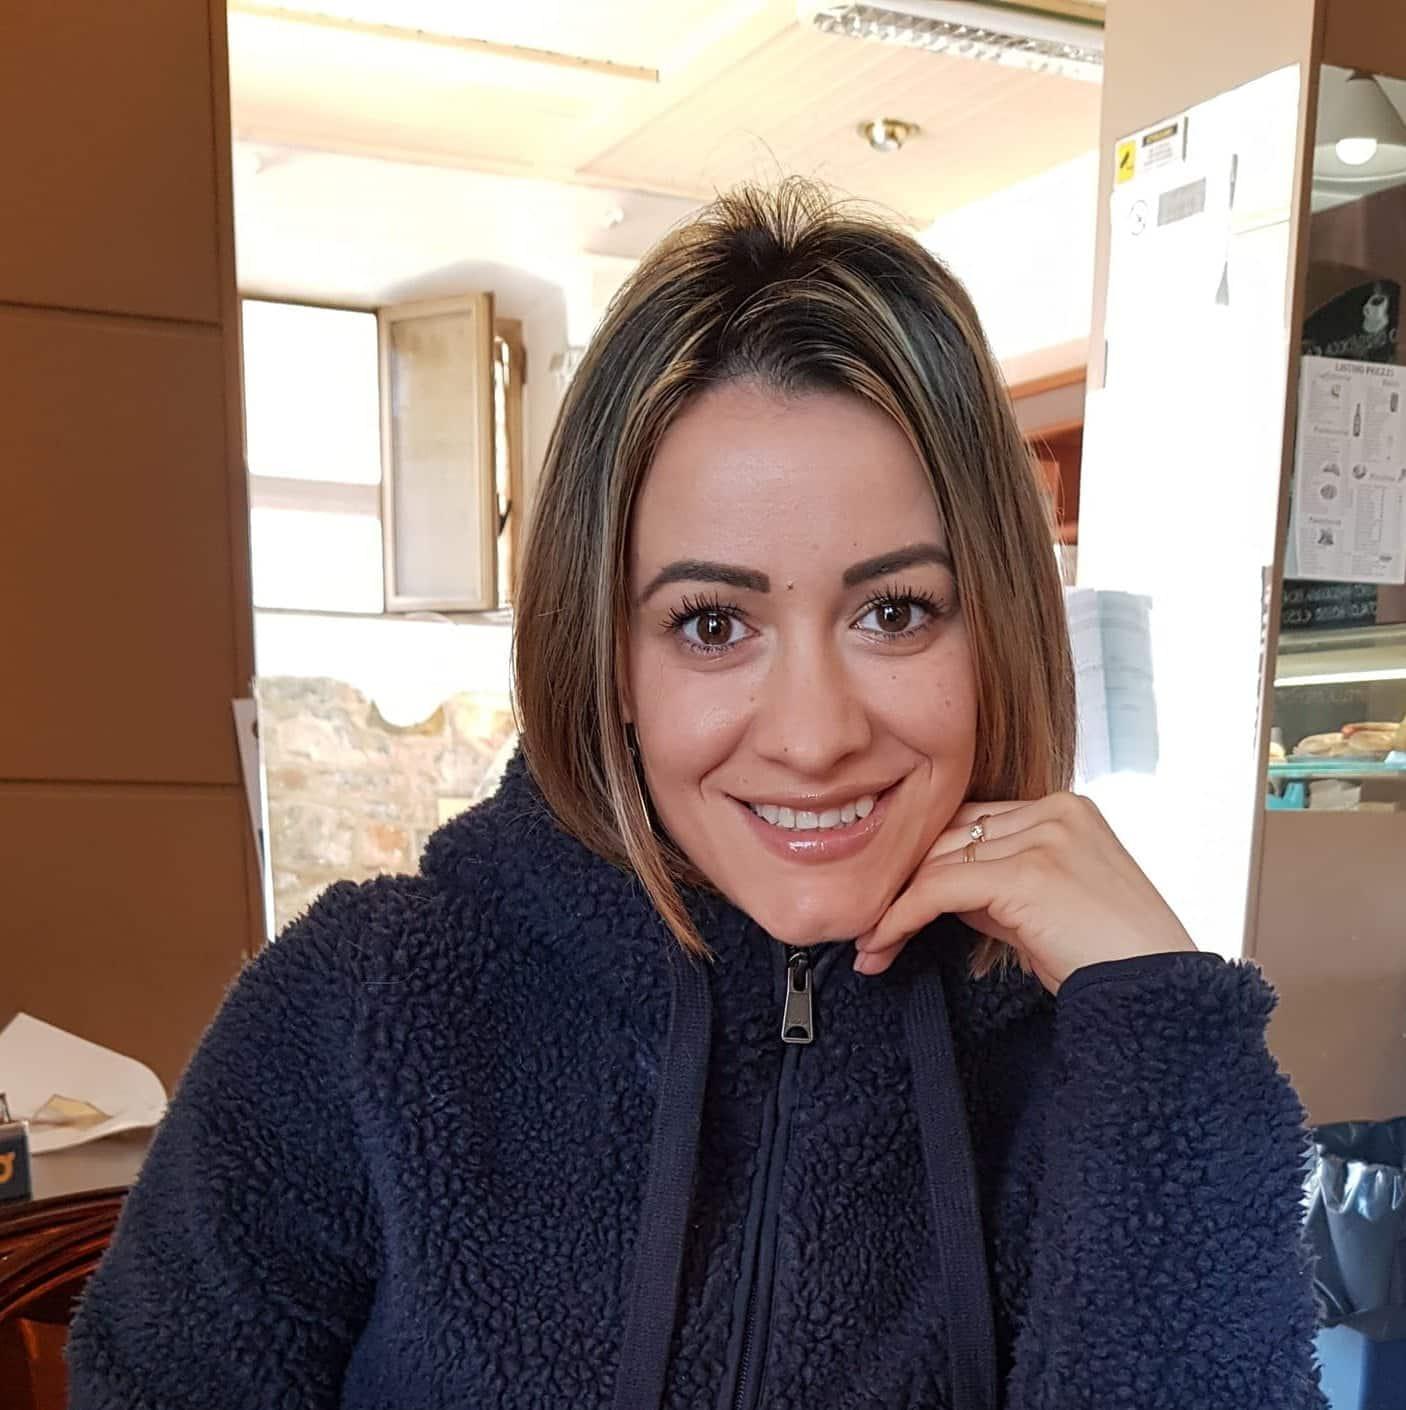 Ioana, o mamă româncă din Italia, a murit înaintea unei operații de rutină. Avea 28 de ani și doi copilași